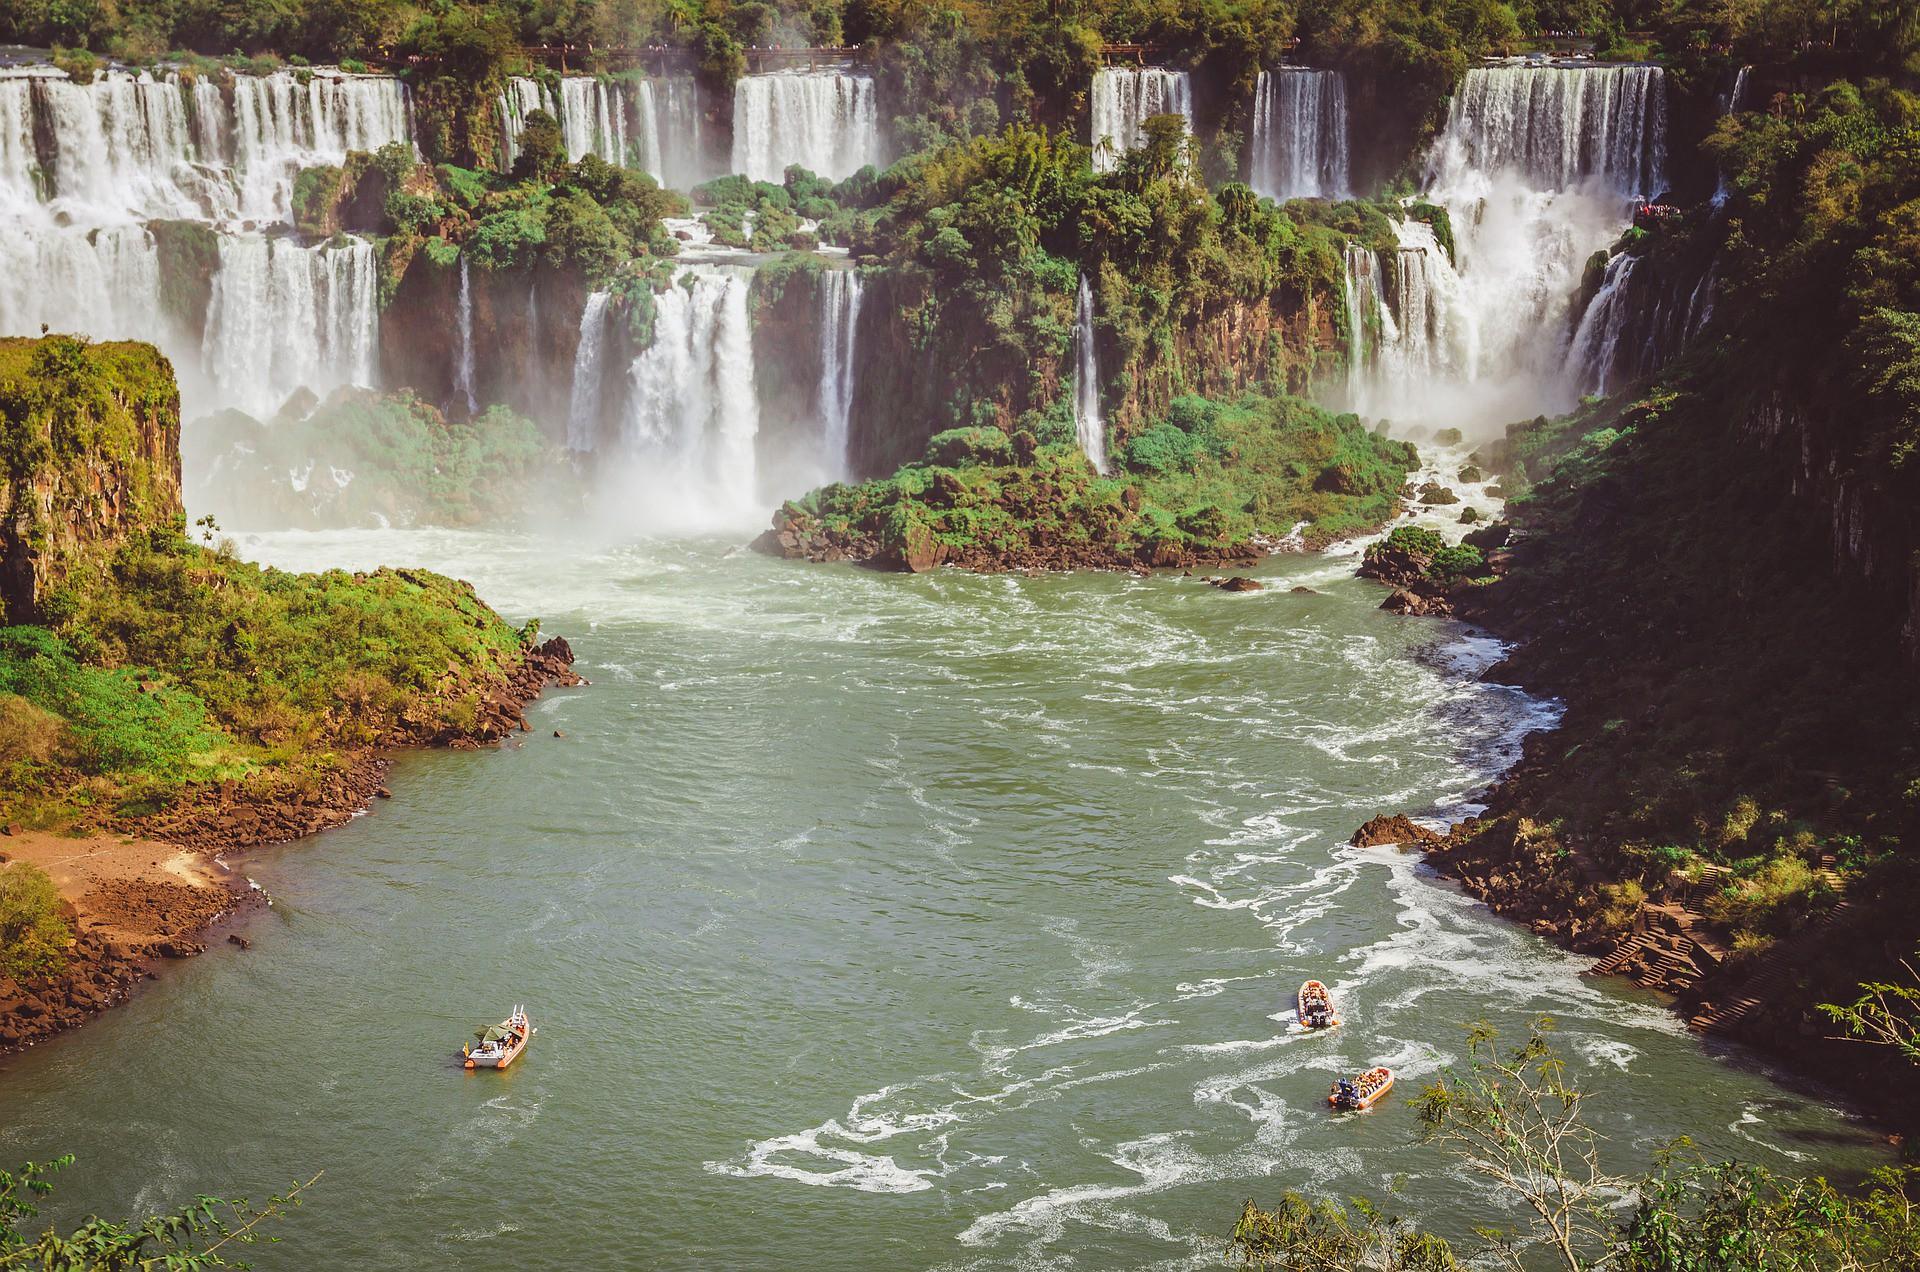 donde alojarse en Cataratas del Iguazú